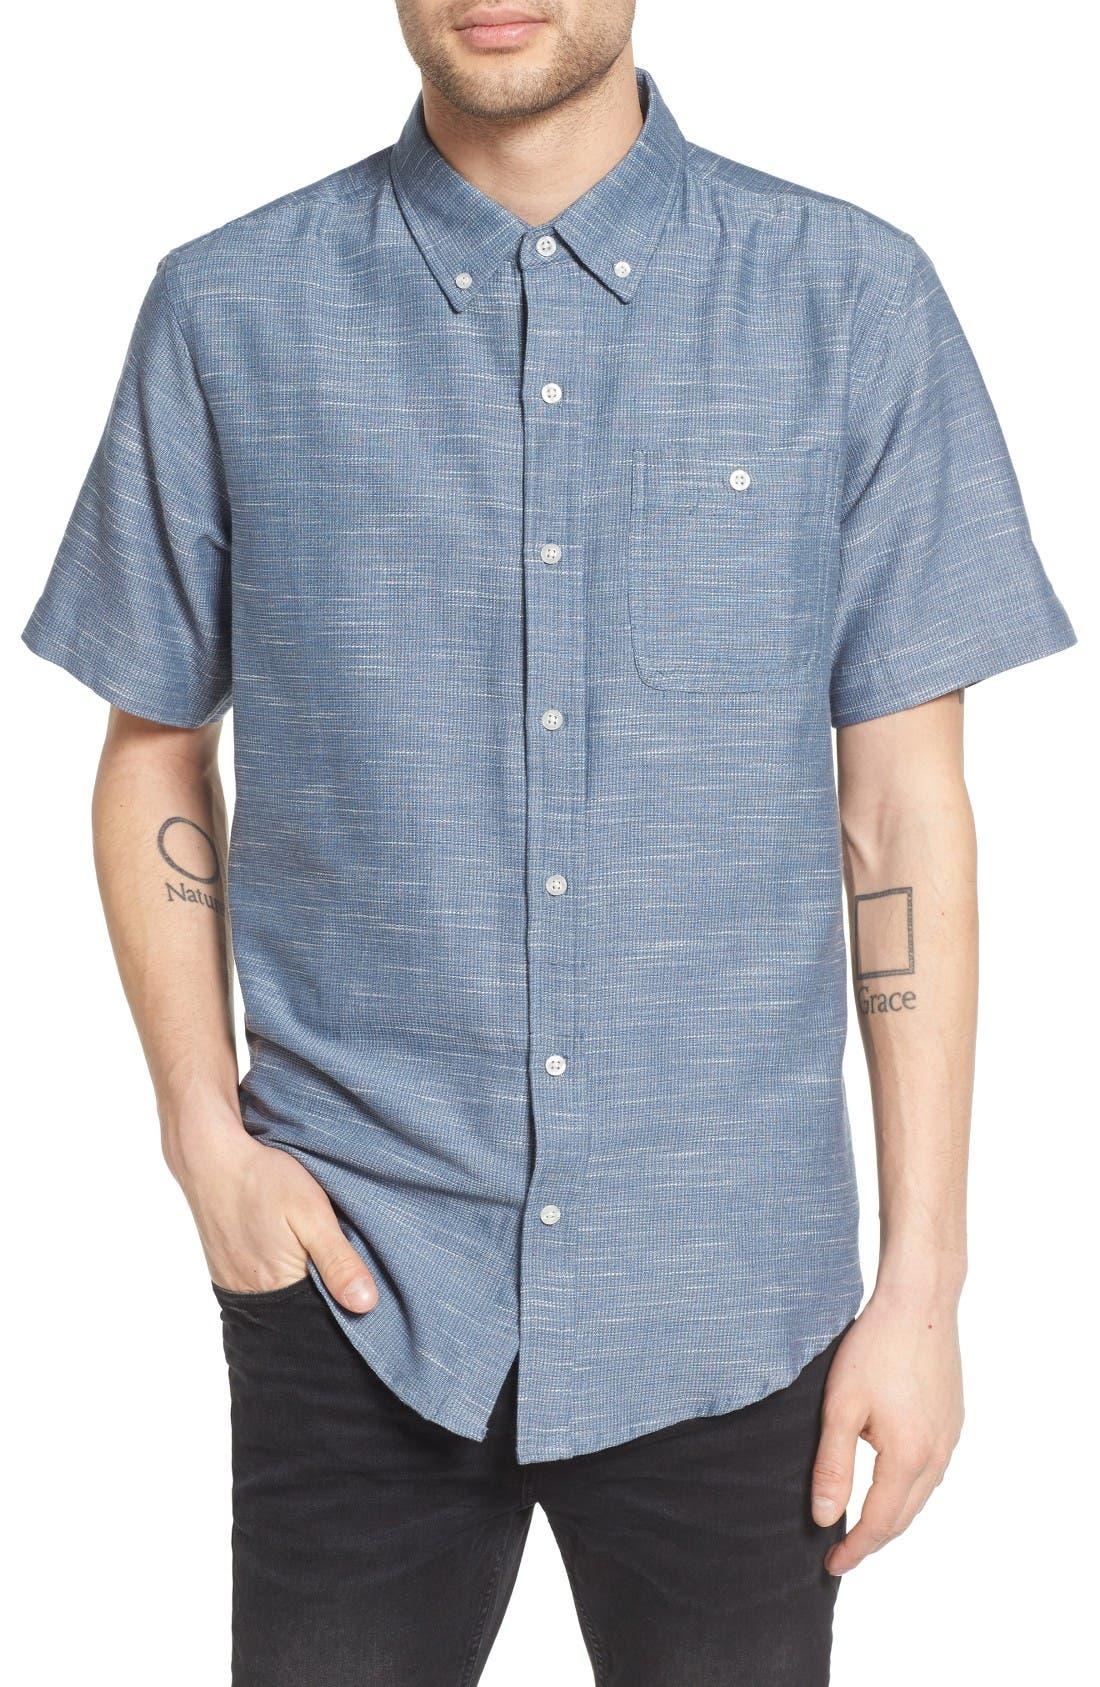 Ezekiel Textured Woven Shirt